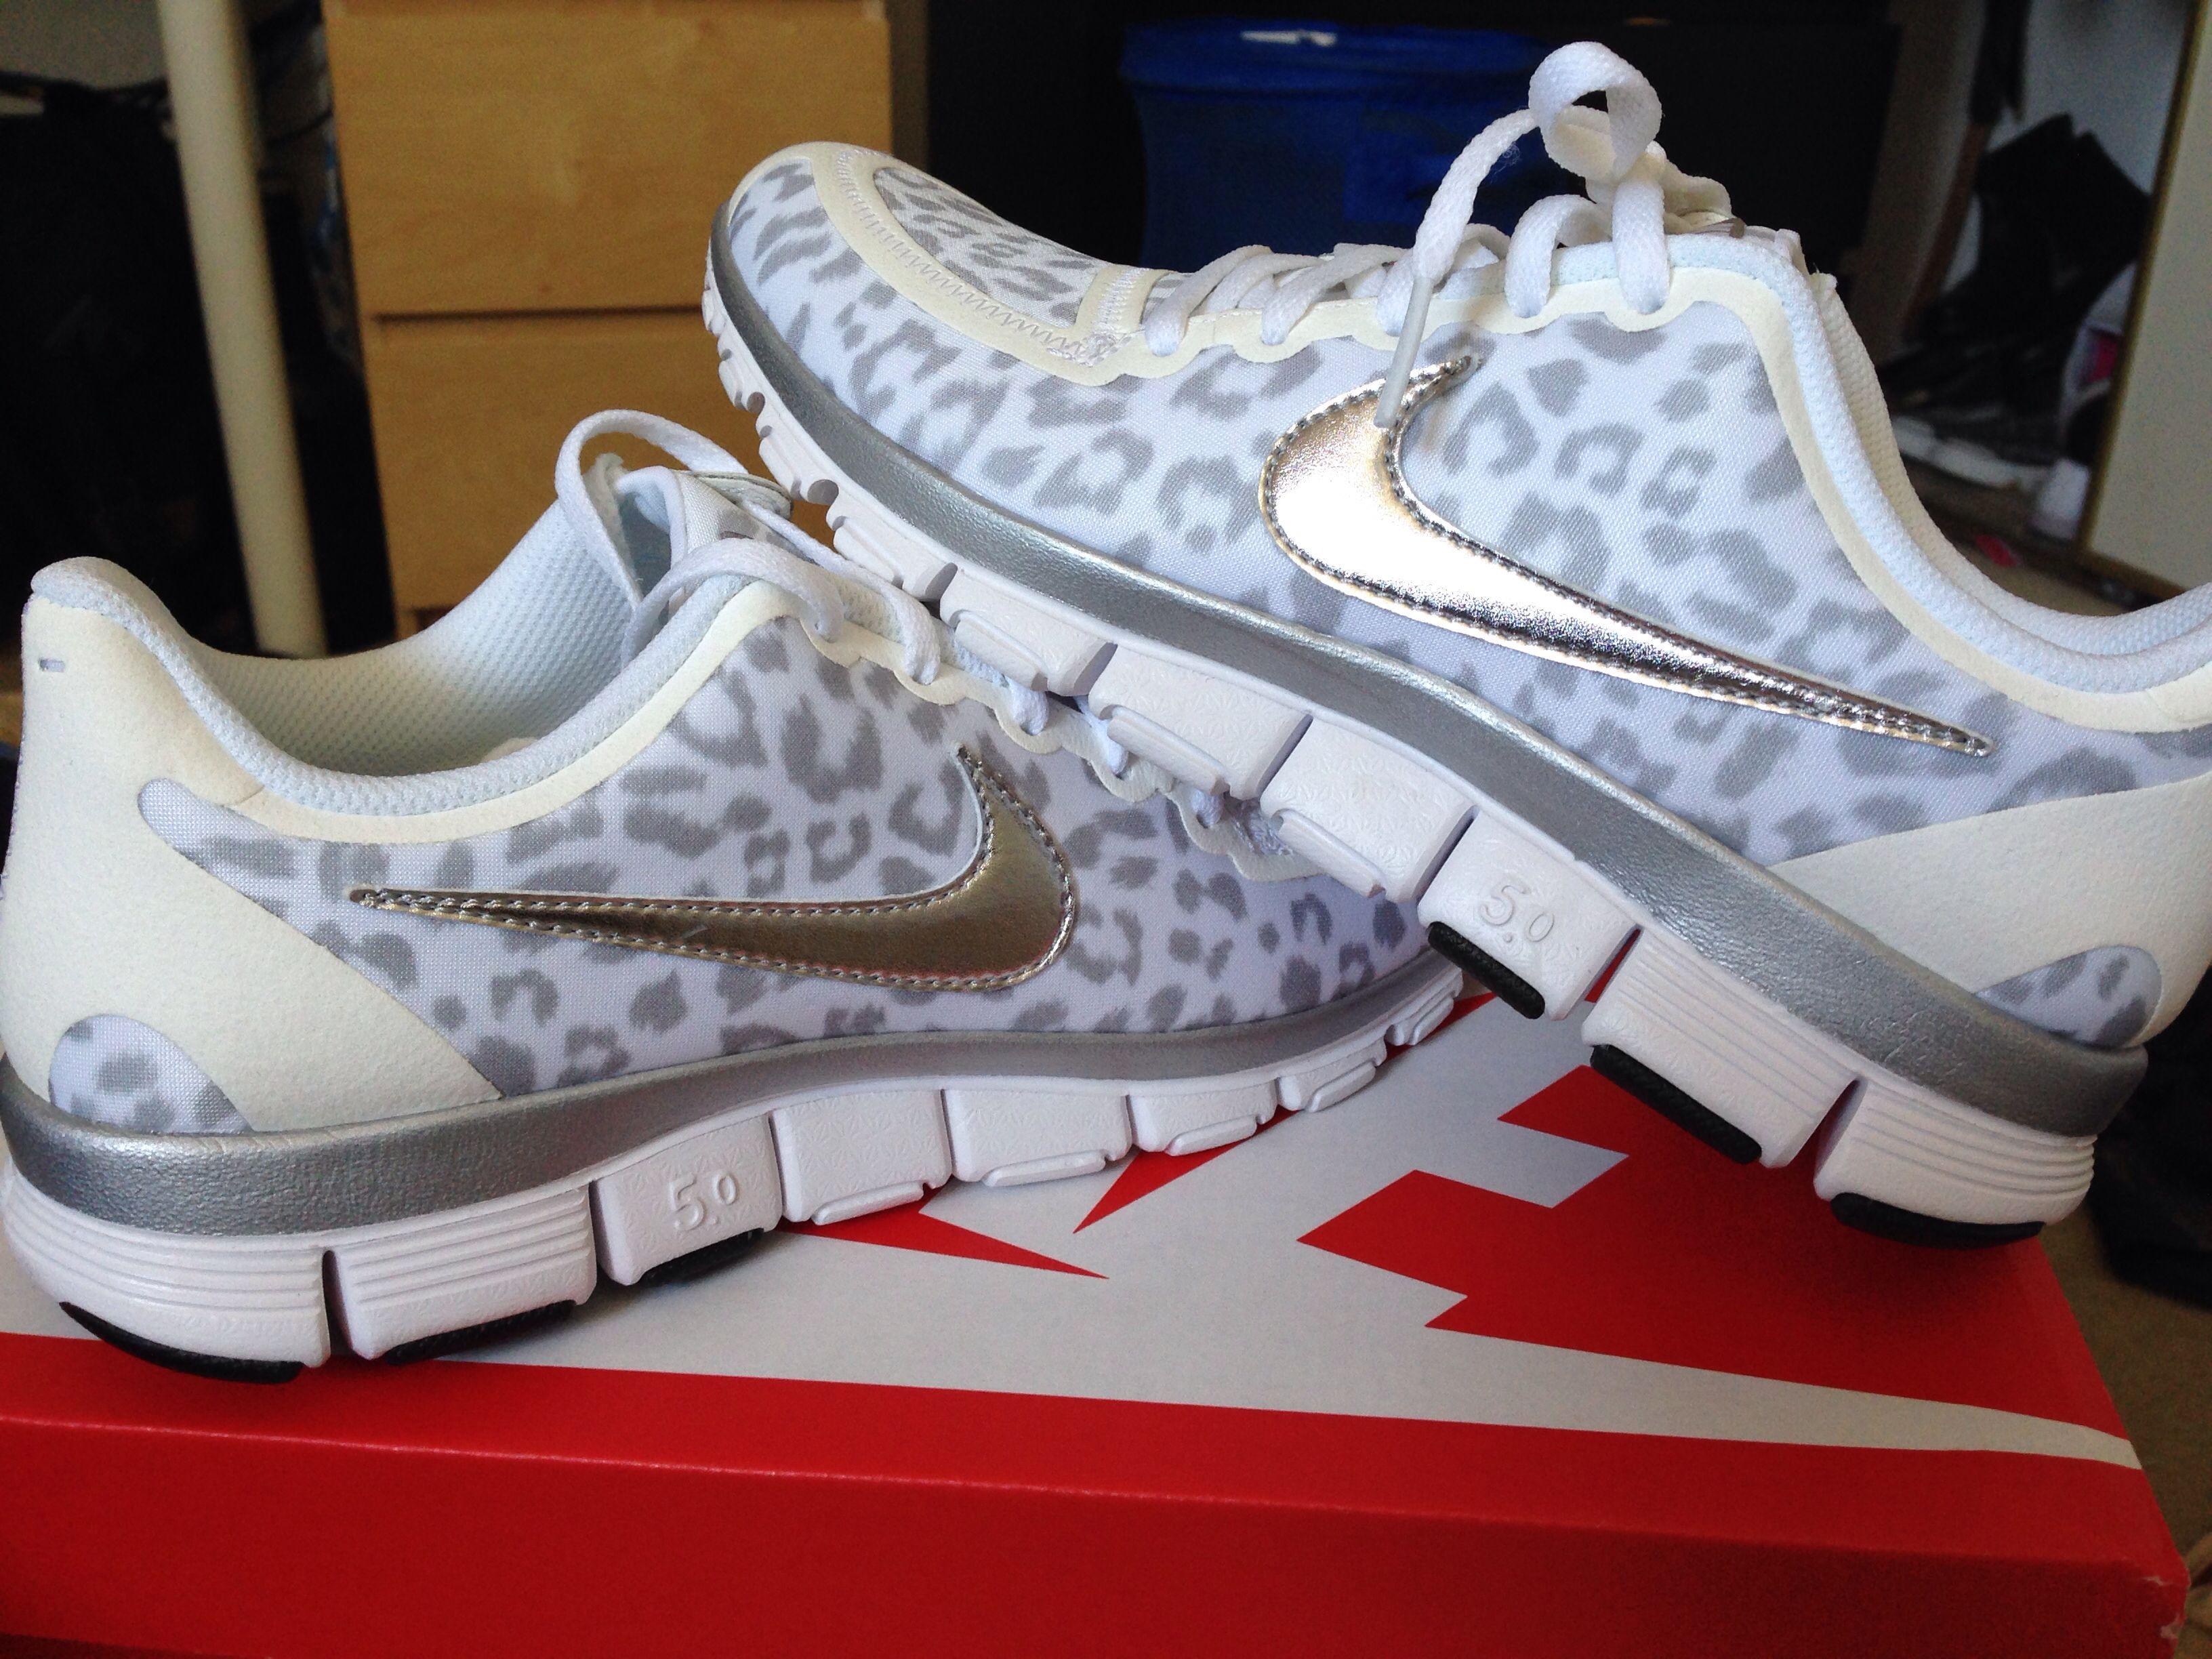 1c70aac9120f Cheetah print Nike 5.0 Free Runs Love Love Love❤